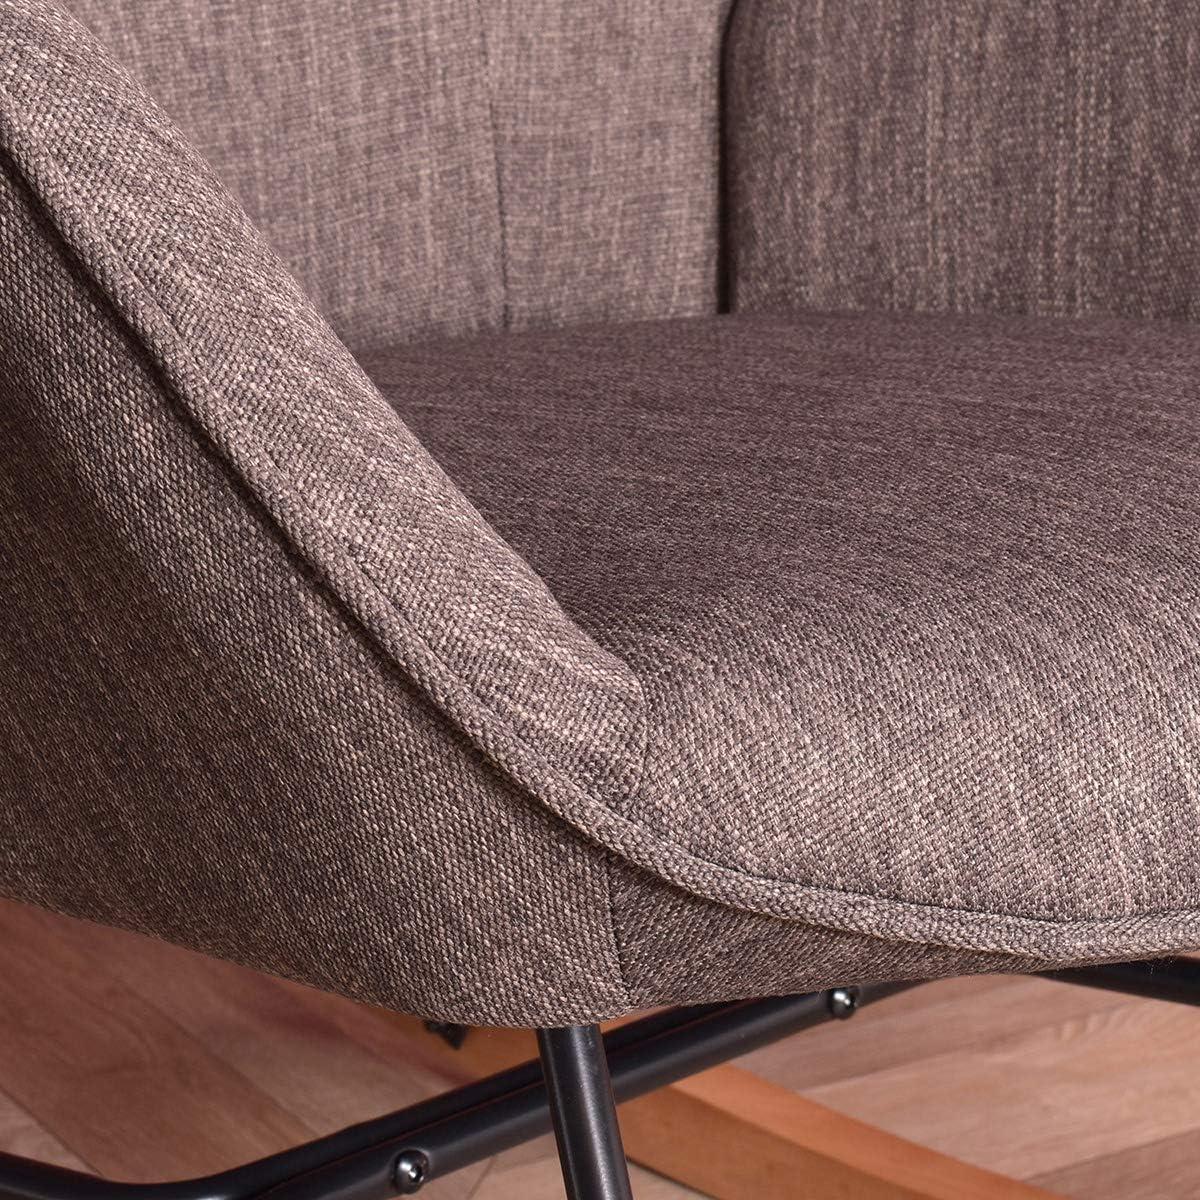 grauer Stoff HOMYCASA Schaukelstuhl Stoff Freizeit Loungesessel Ergonomische R/ückenlehne mit Metall Holzbeinen